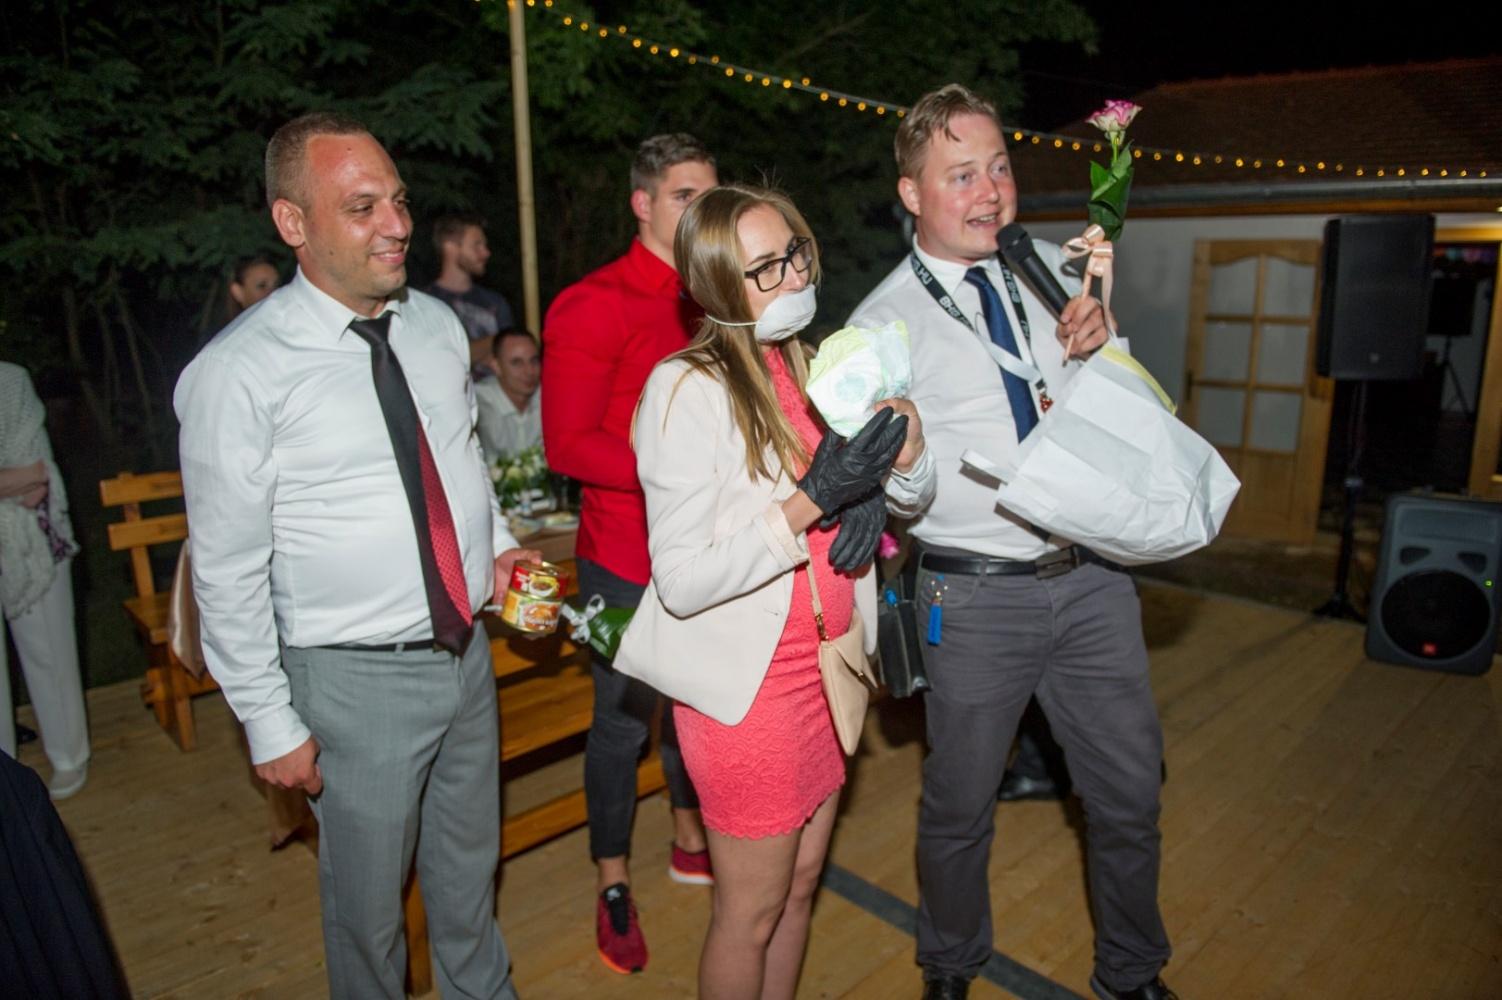 http://www.fotoz.sk/images/gallery-22/normal/eskuvoi-fotos_svadobny-fotograf_651.jpg